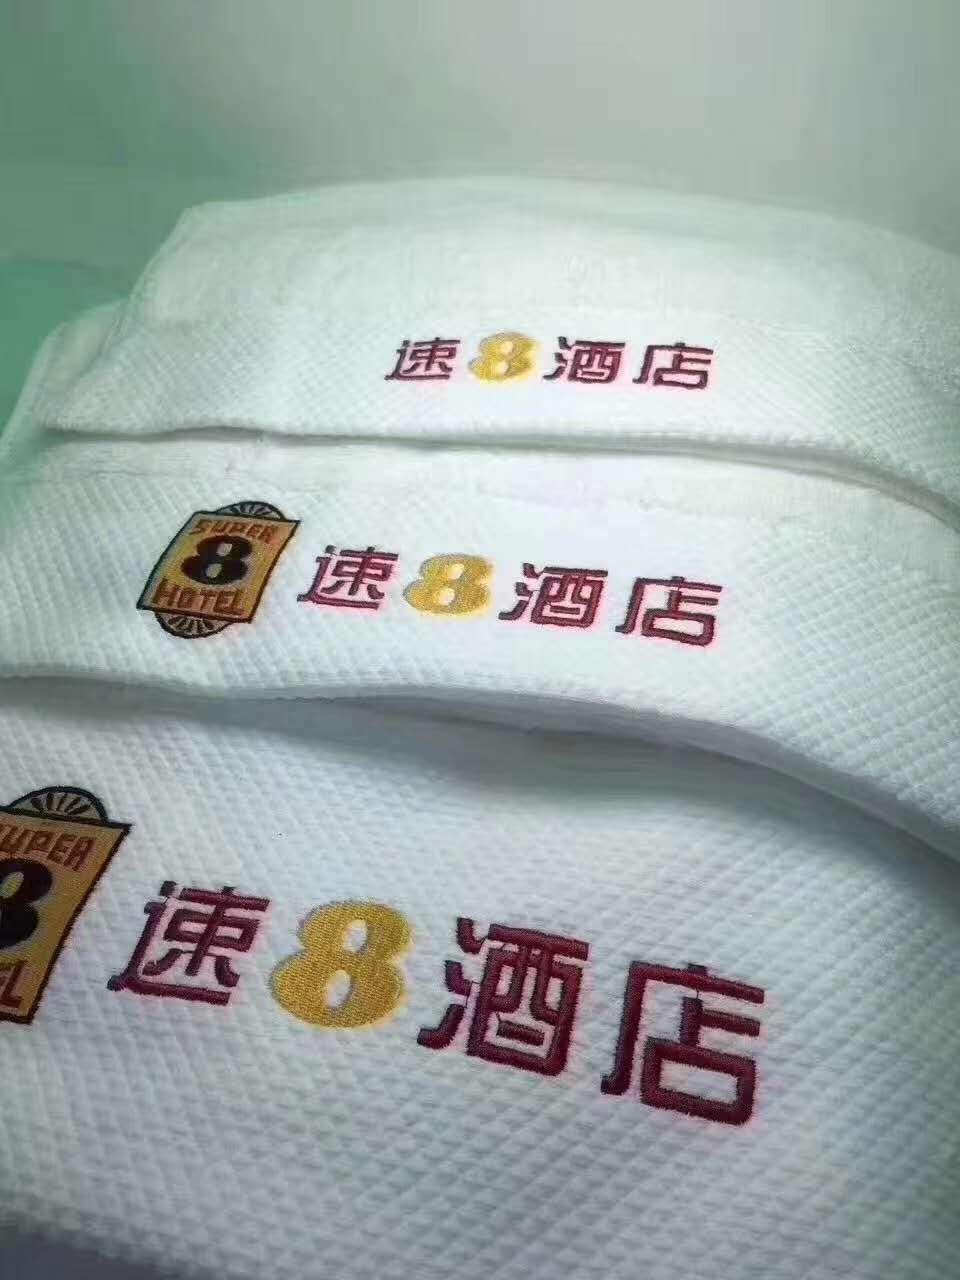 酒店布草 酒店床上用品 酒店毛巾浴巾 1